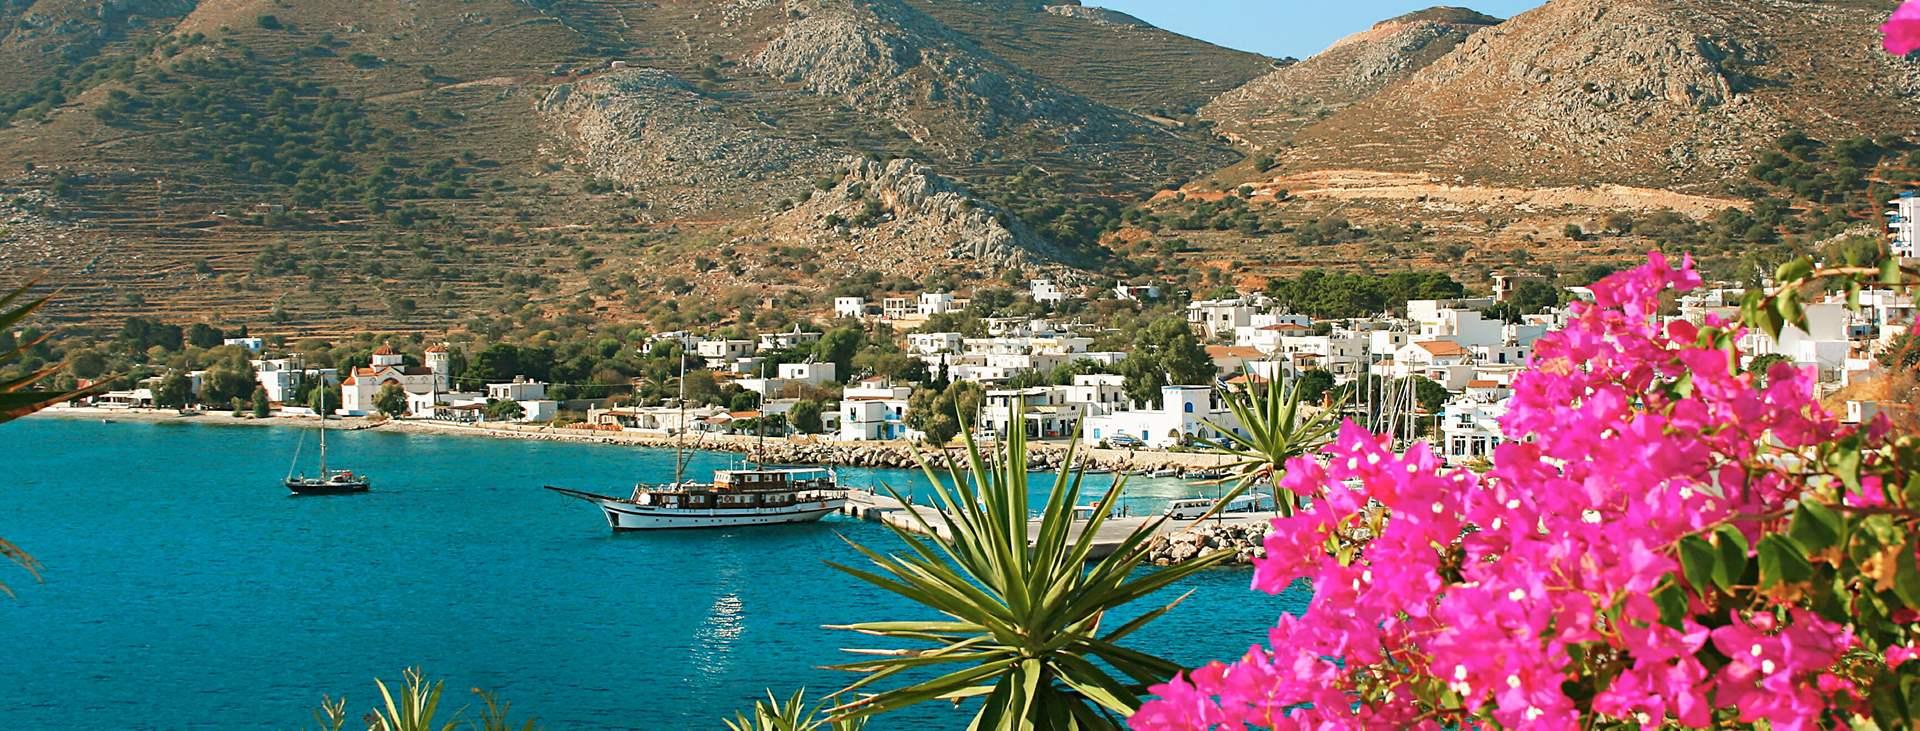 Bestill en reise til Tilos i Hellas med Ving